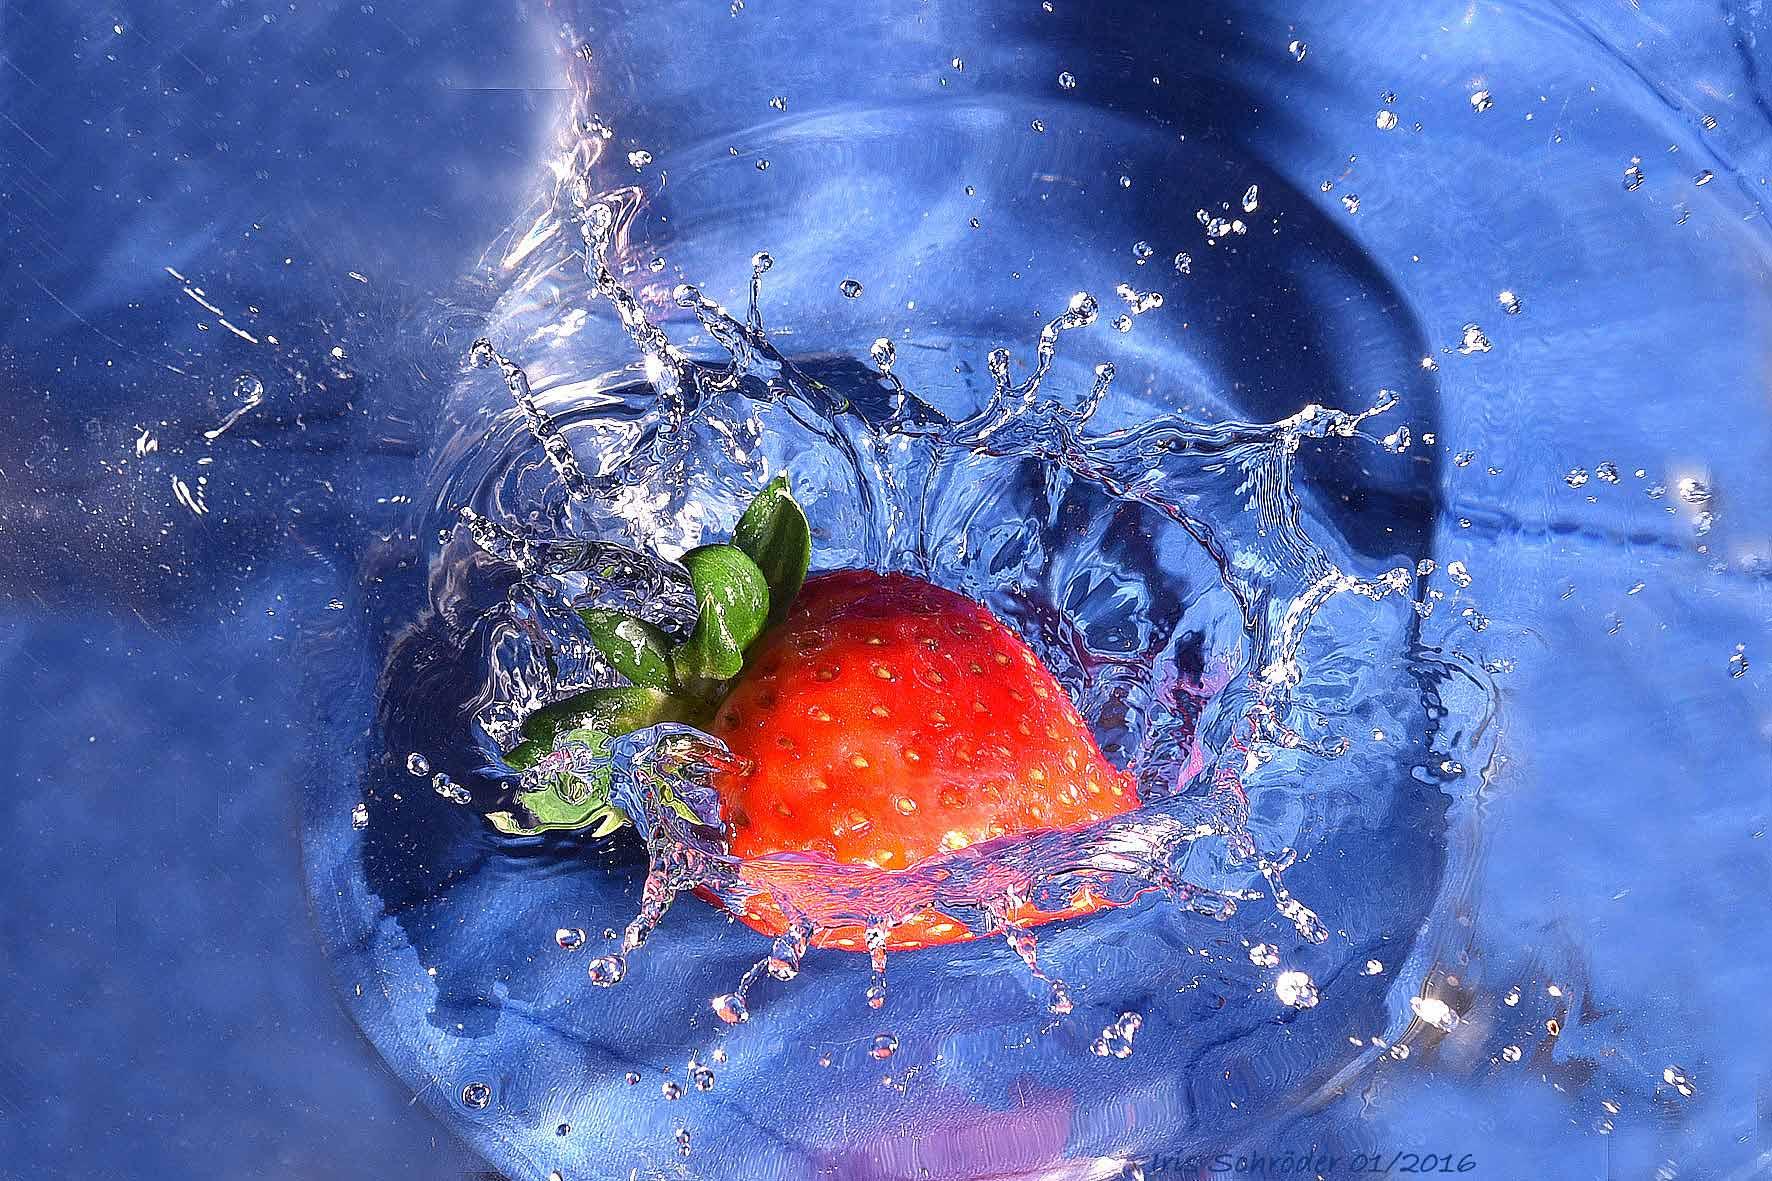 Splash4